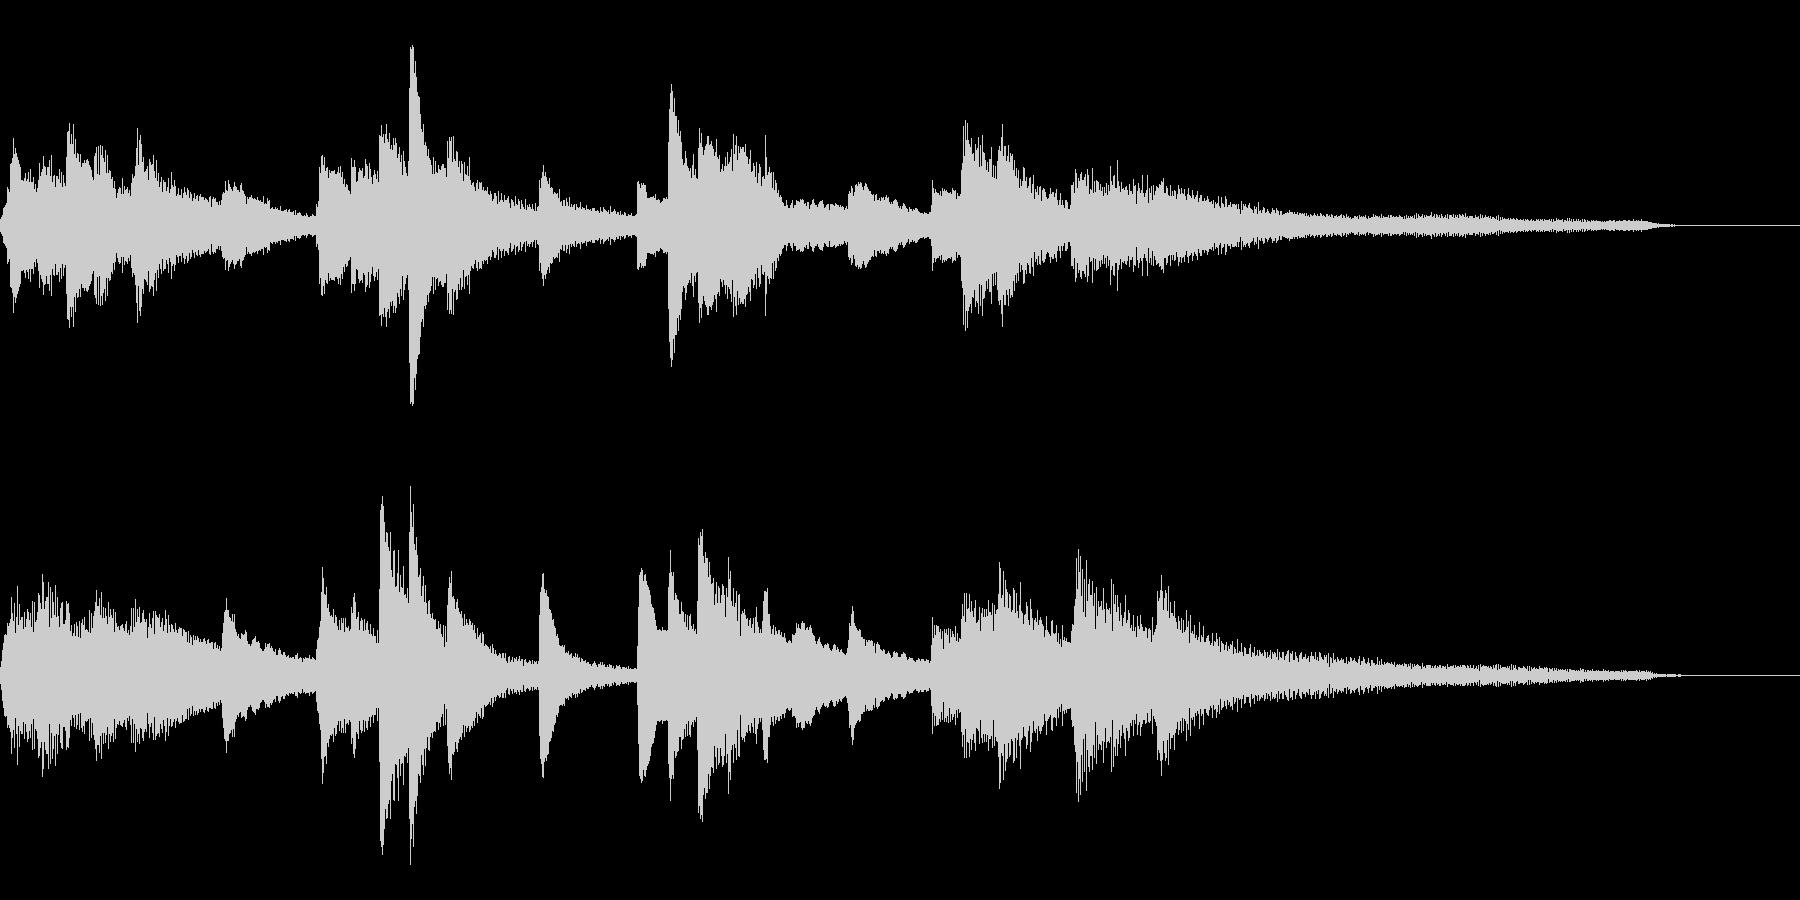 わびさび・和風ジングル28-ピアノソロの未再生の波形